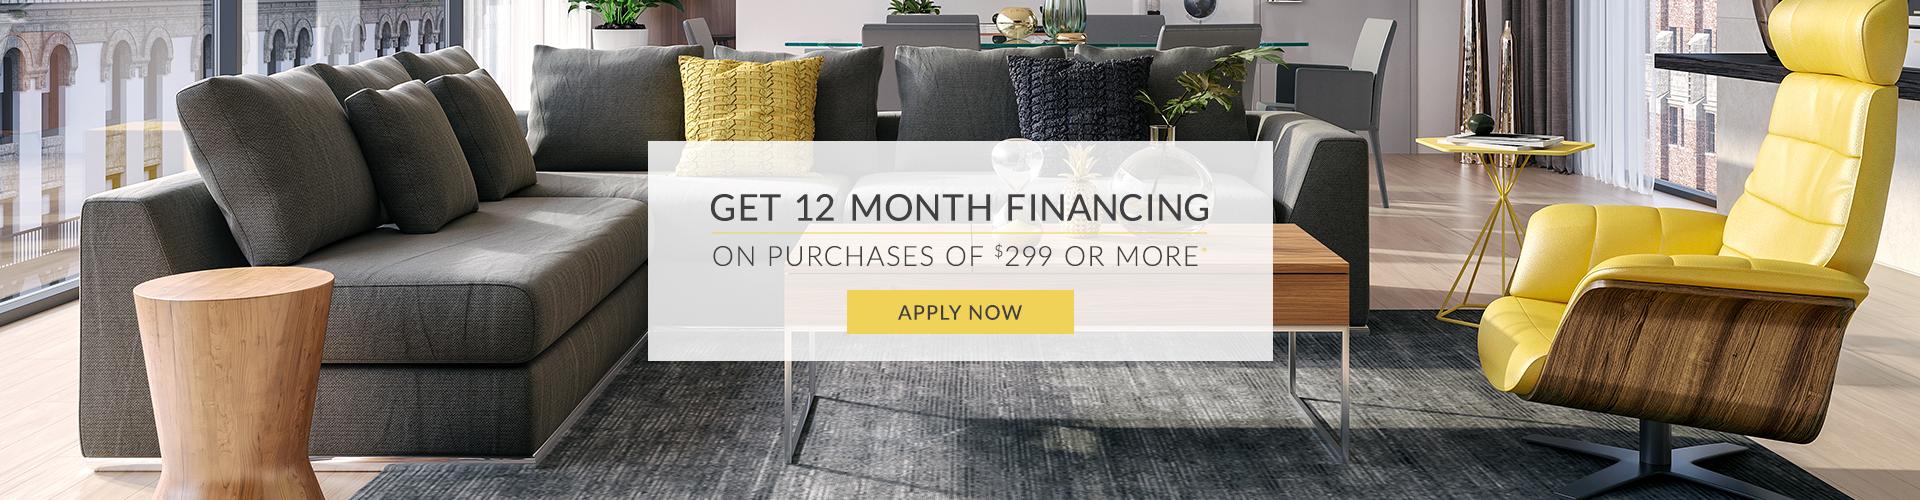 Modani Finance Page